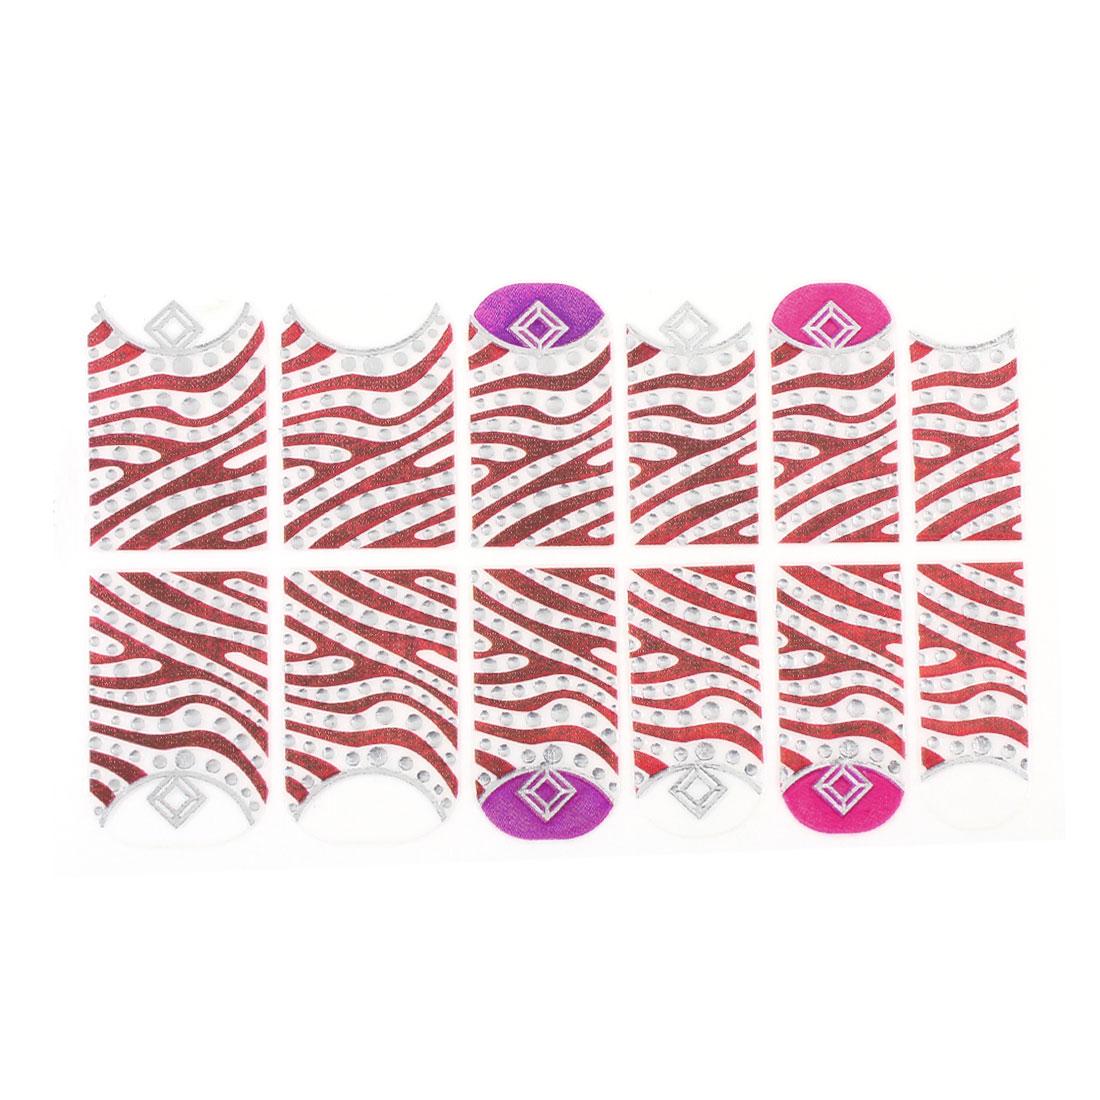 Brown Zebra Pattern Plastic Crytal Decor Nail Foils Decorative Decals 12 Pcs